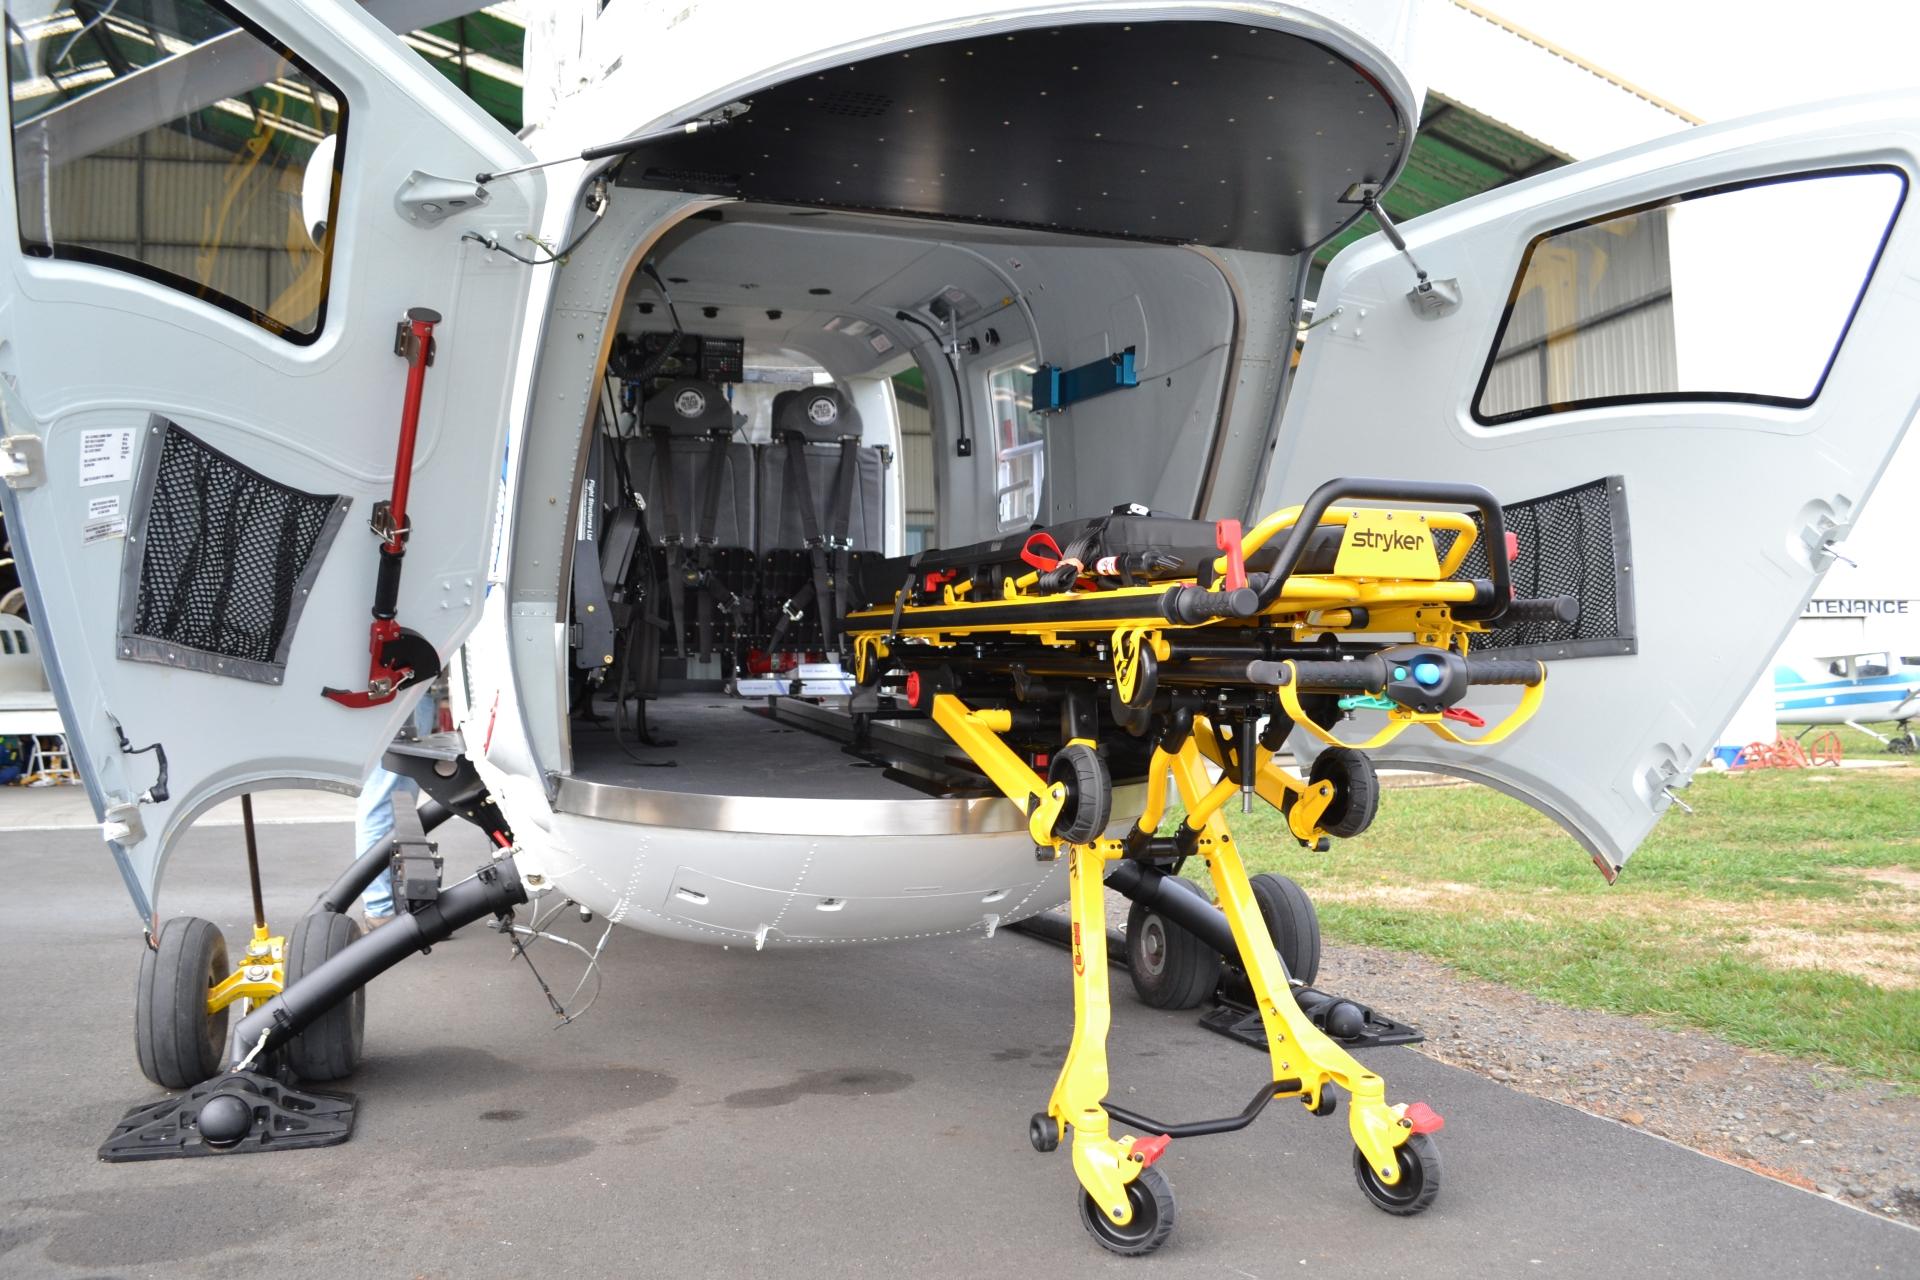 EMS - Stryker - Rear loading from trolley.JPG